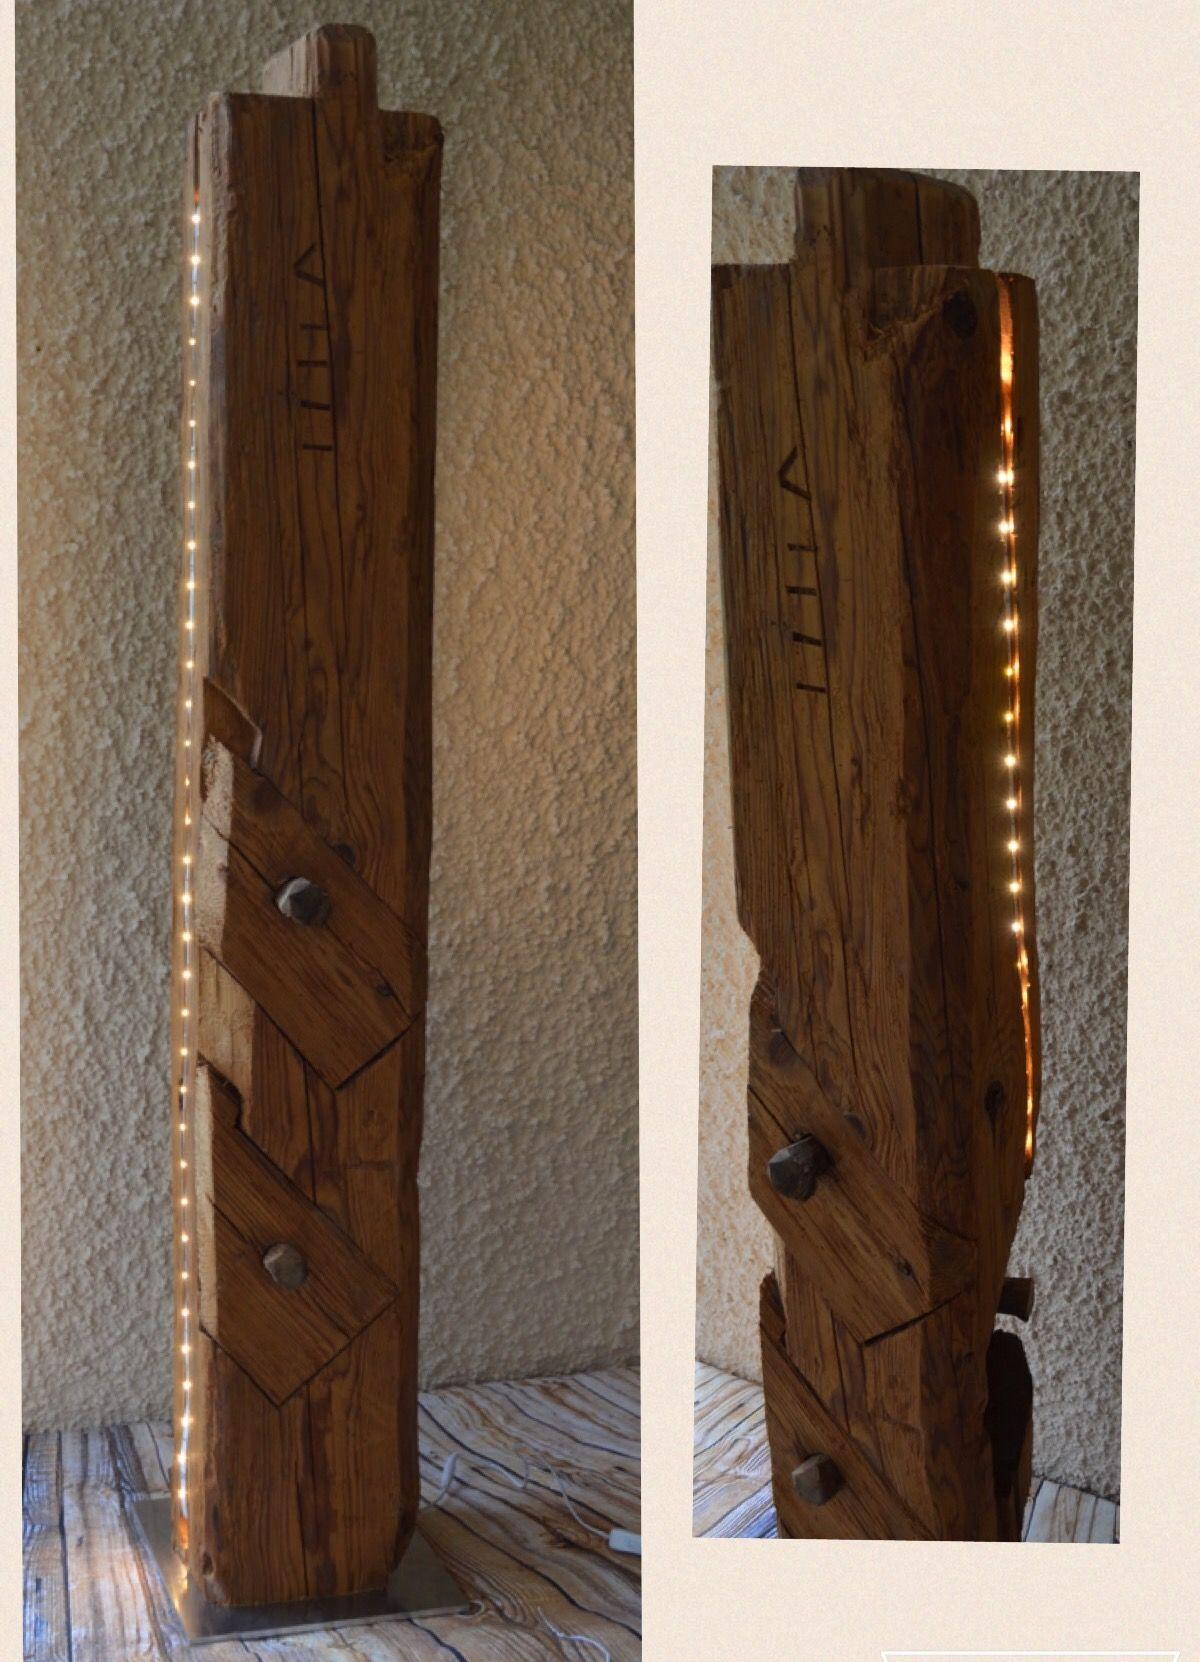 altholz balken mit led holzf chse altholz balken mit led. Black Bedroom Furniture Sets. Home Design Ideas